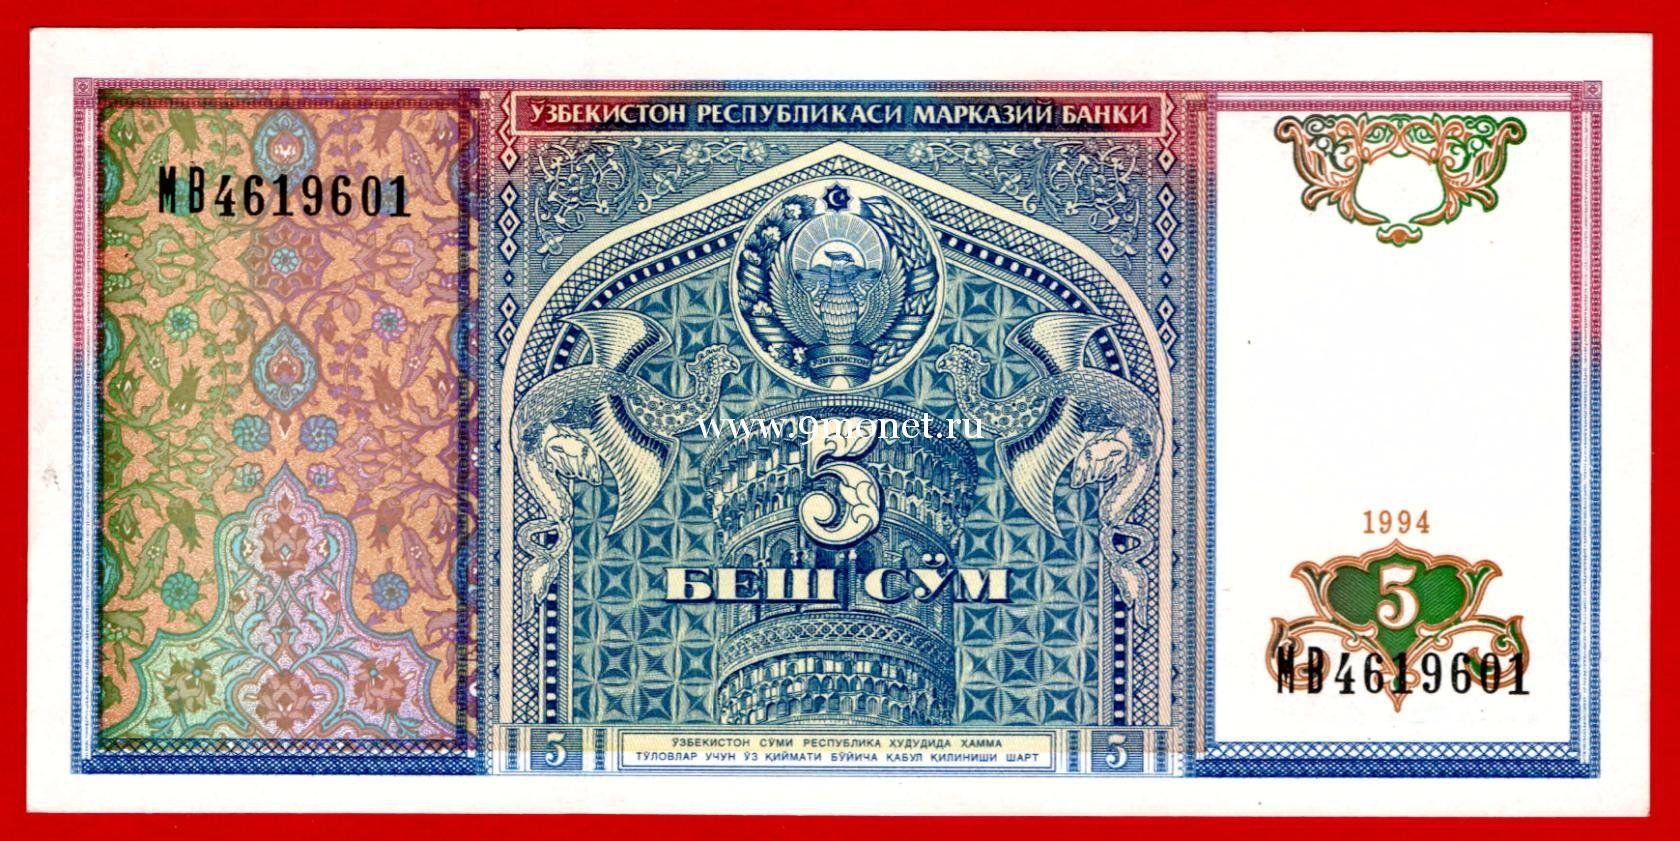 1994 год. Узбекистан. Банкнота 5 сум.